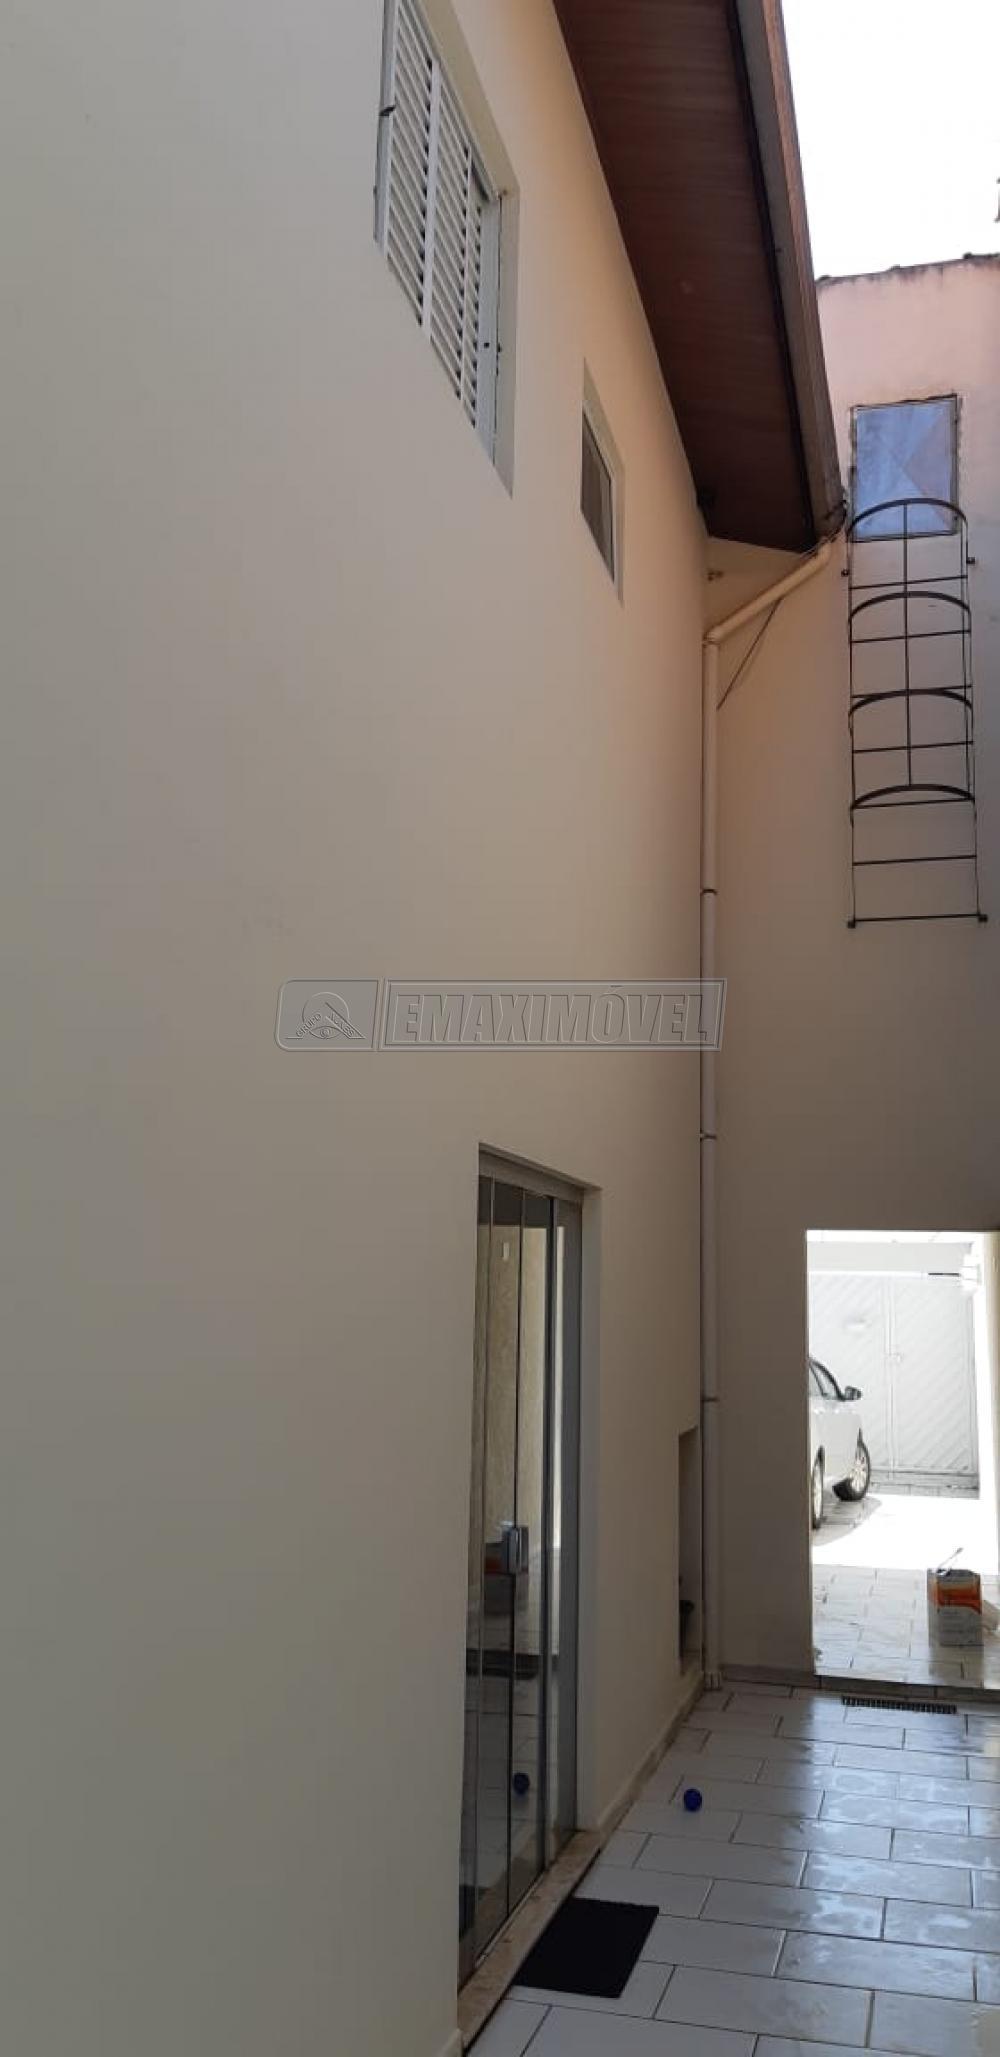 Comprar Casas / em Bairros em Sorocaba apenas R$ 340.000,00 - Foto 17